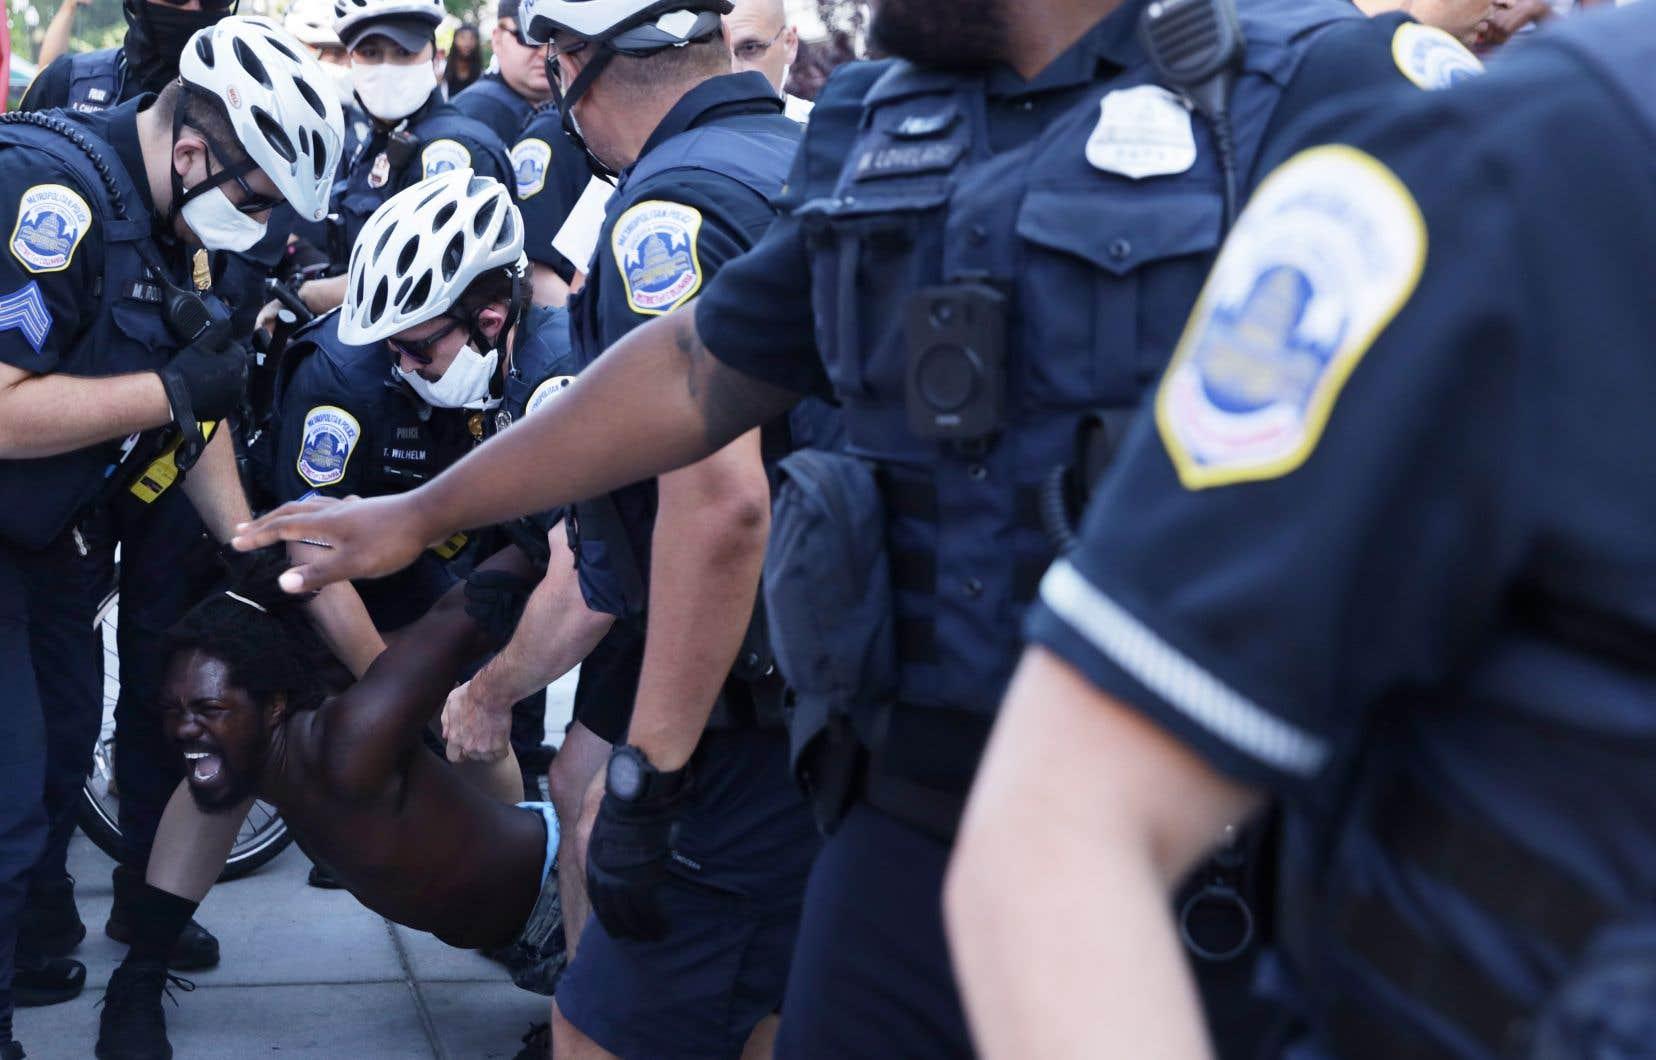 Un homme est arrêté par des policiers en marge d'une manifestation contre le racisme à Washington, samedi.